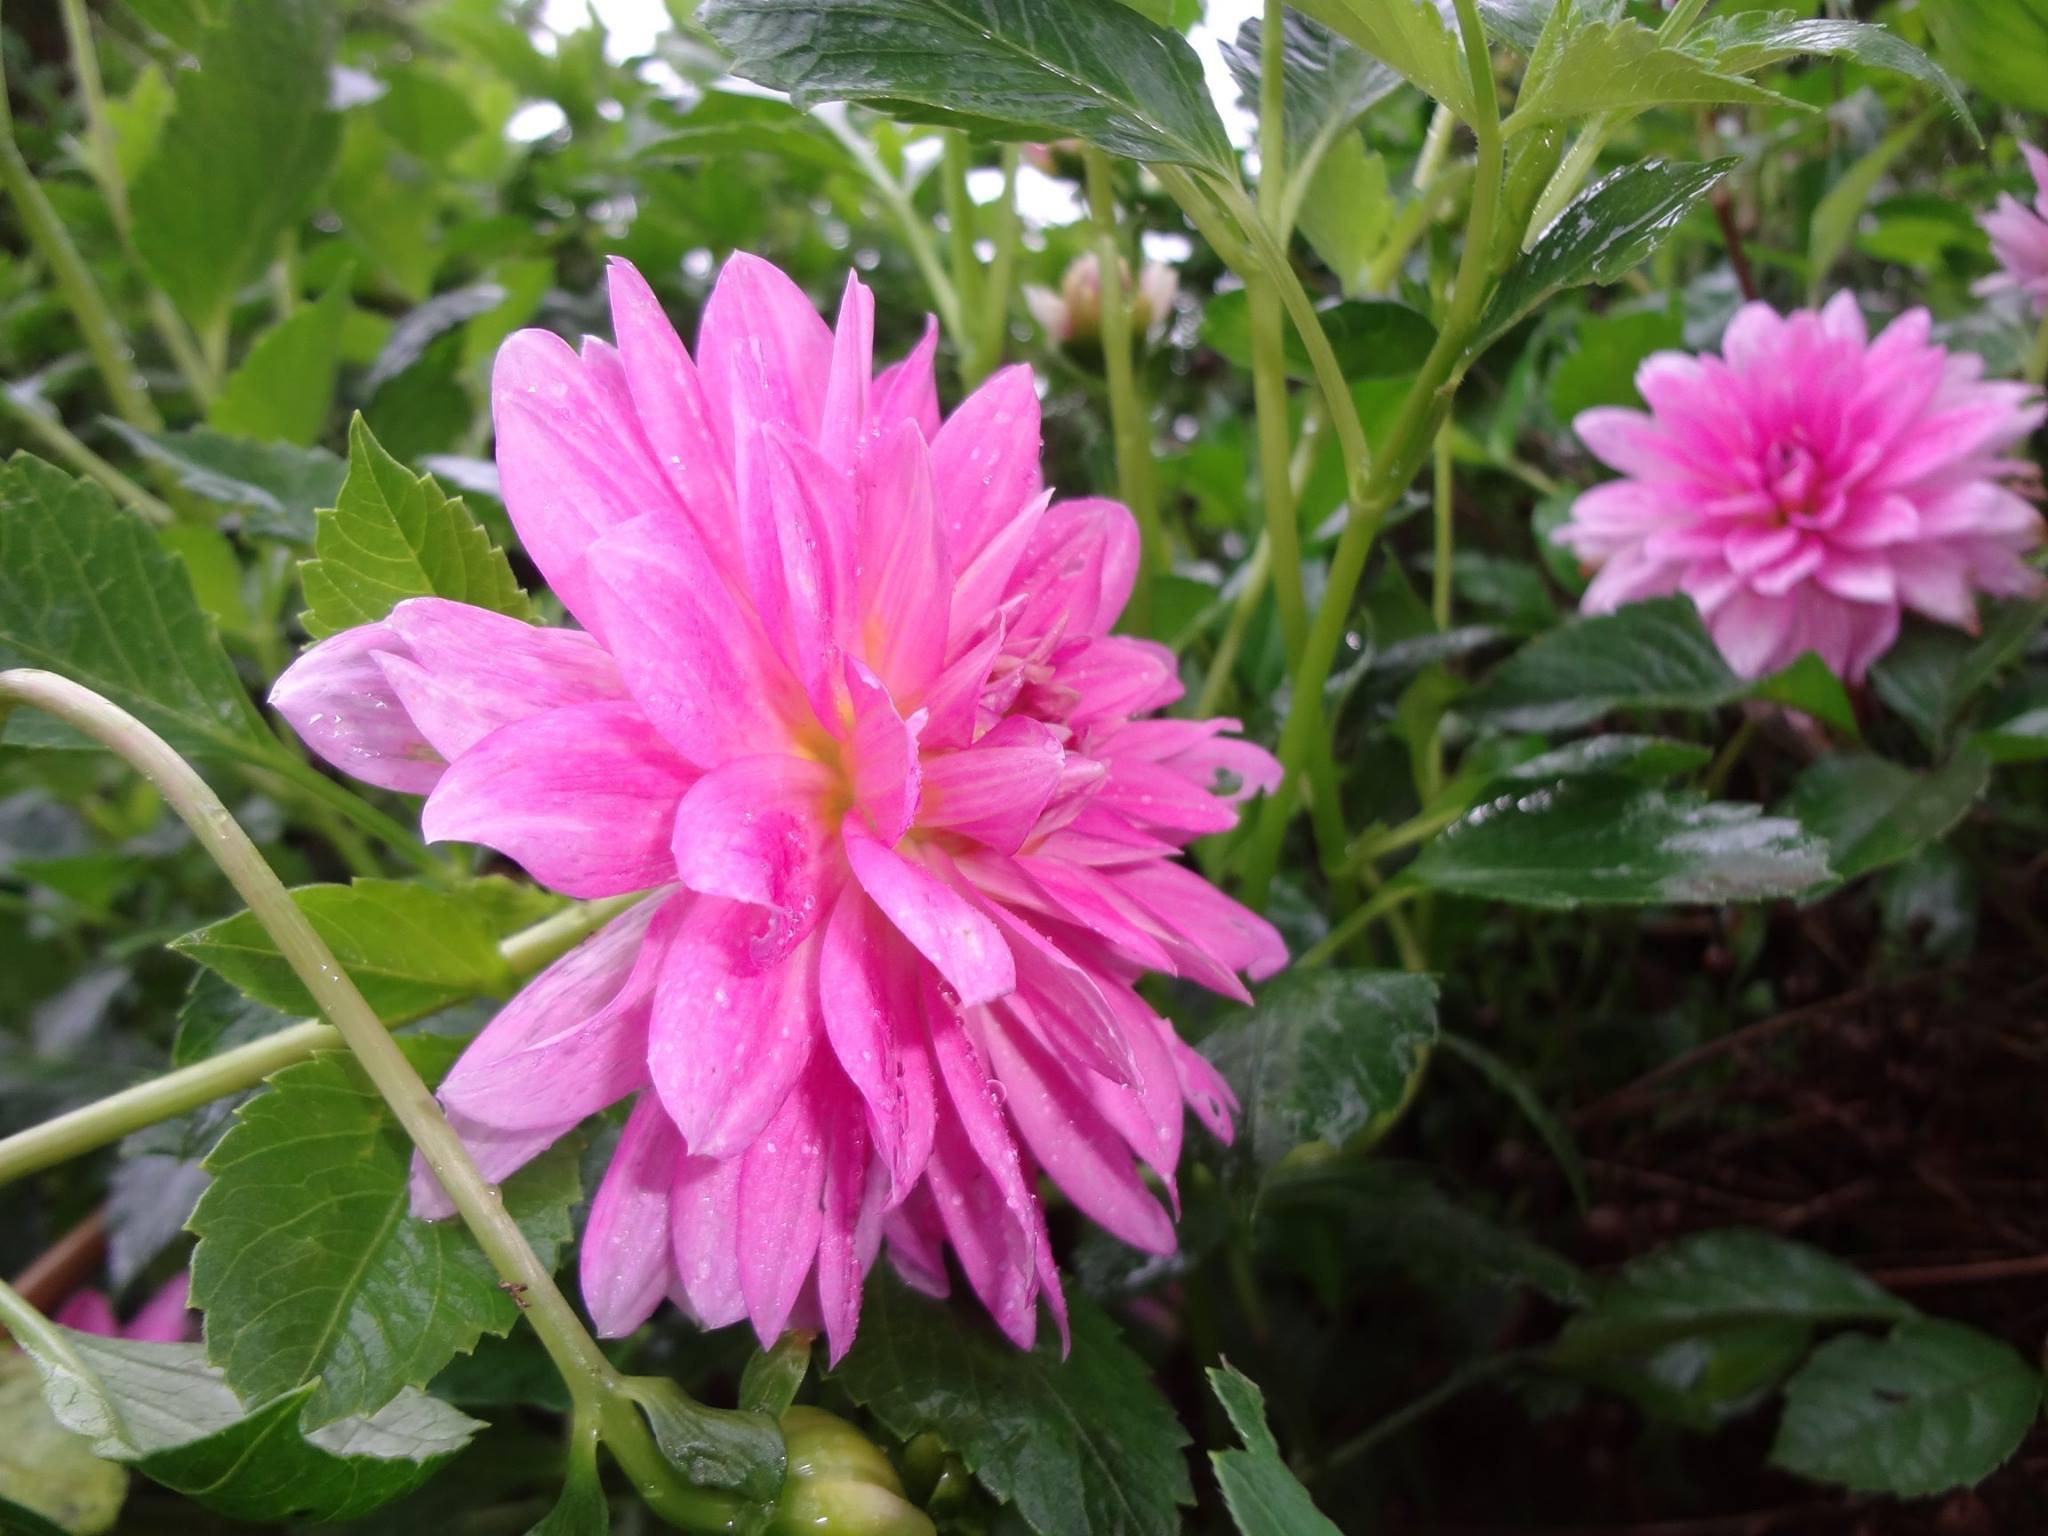 天竺牡丹(てんじくぼたん)ダリアの花です。